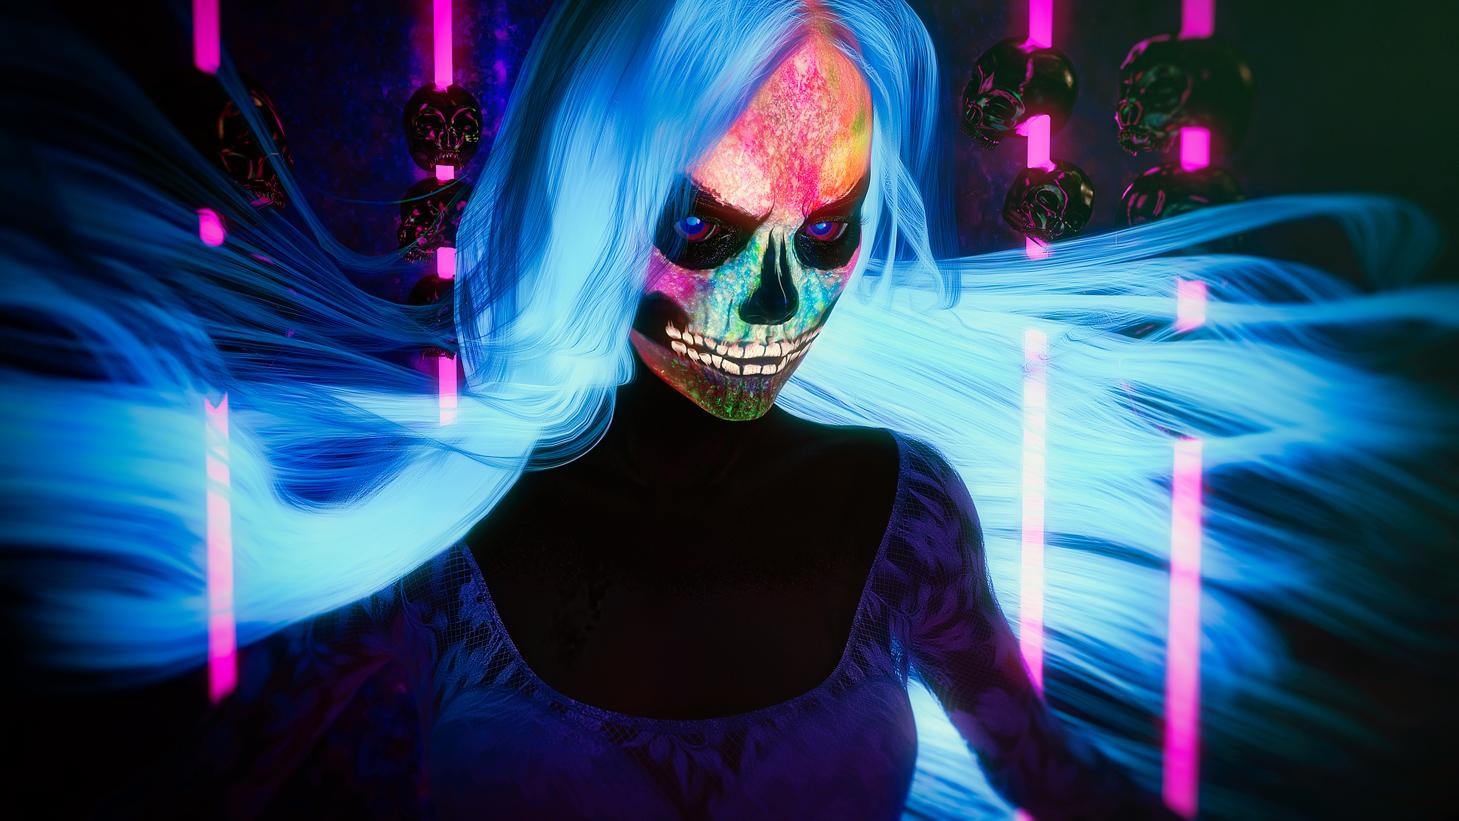 Neon Bride by owakulukem